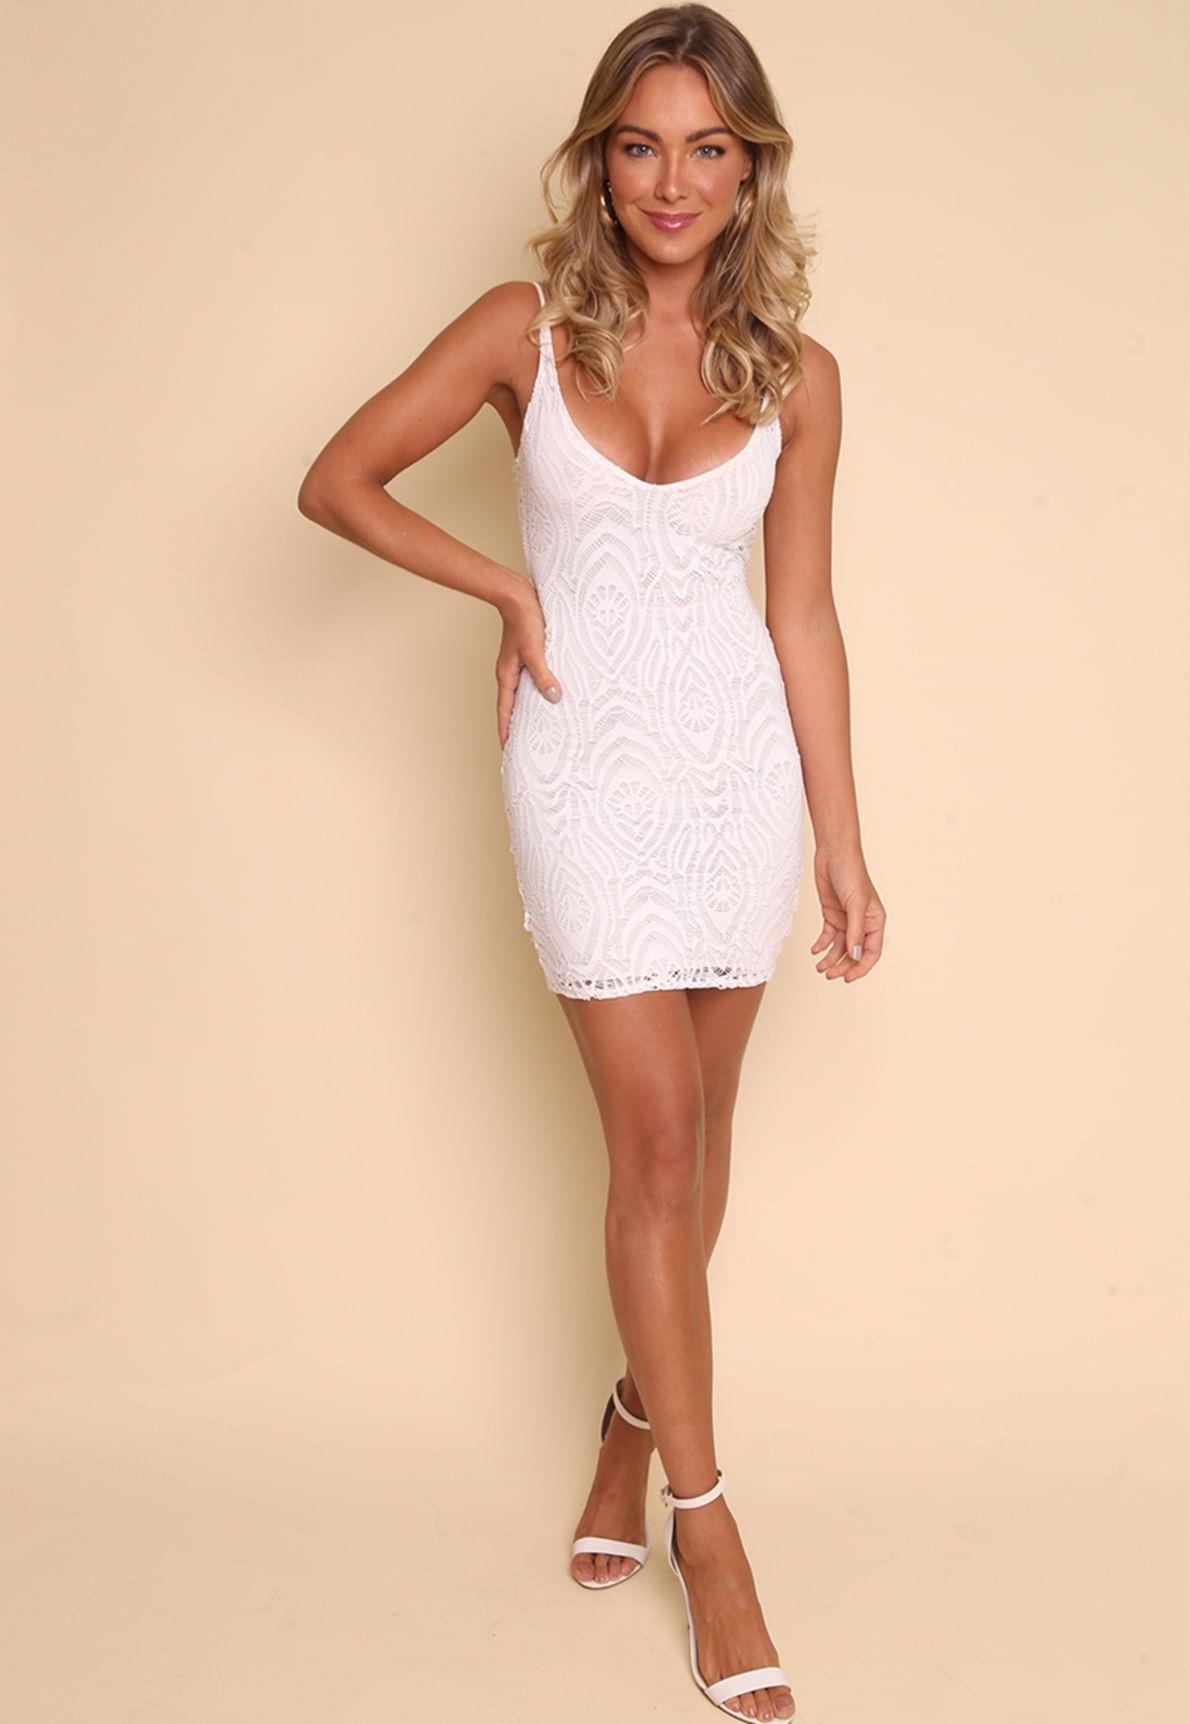 27423-vestido-renda-branco-jacque-mundo-lolita-02